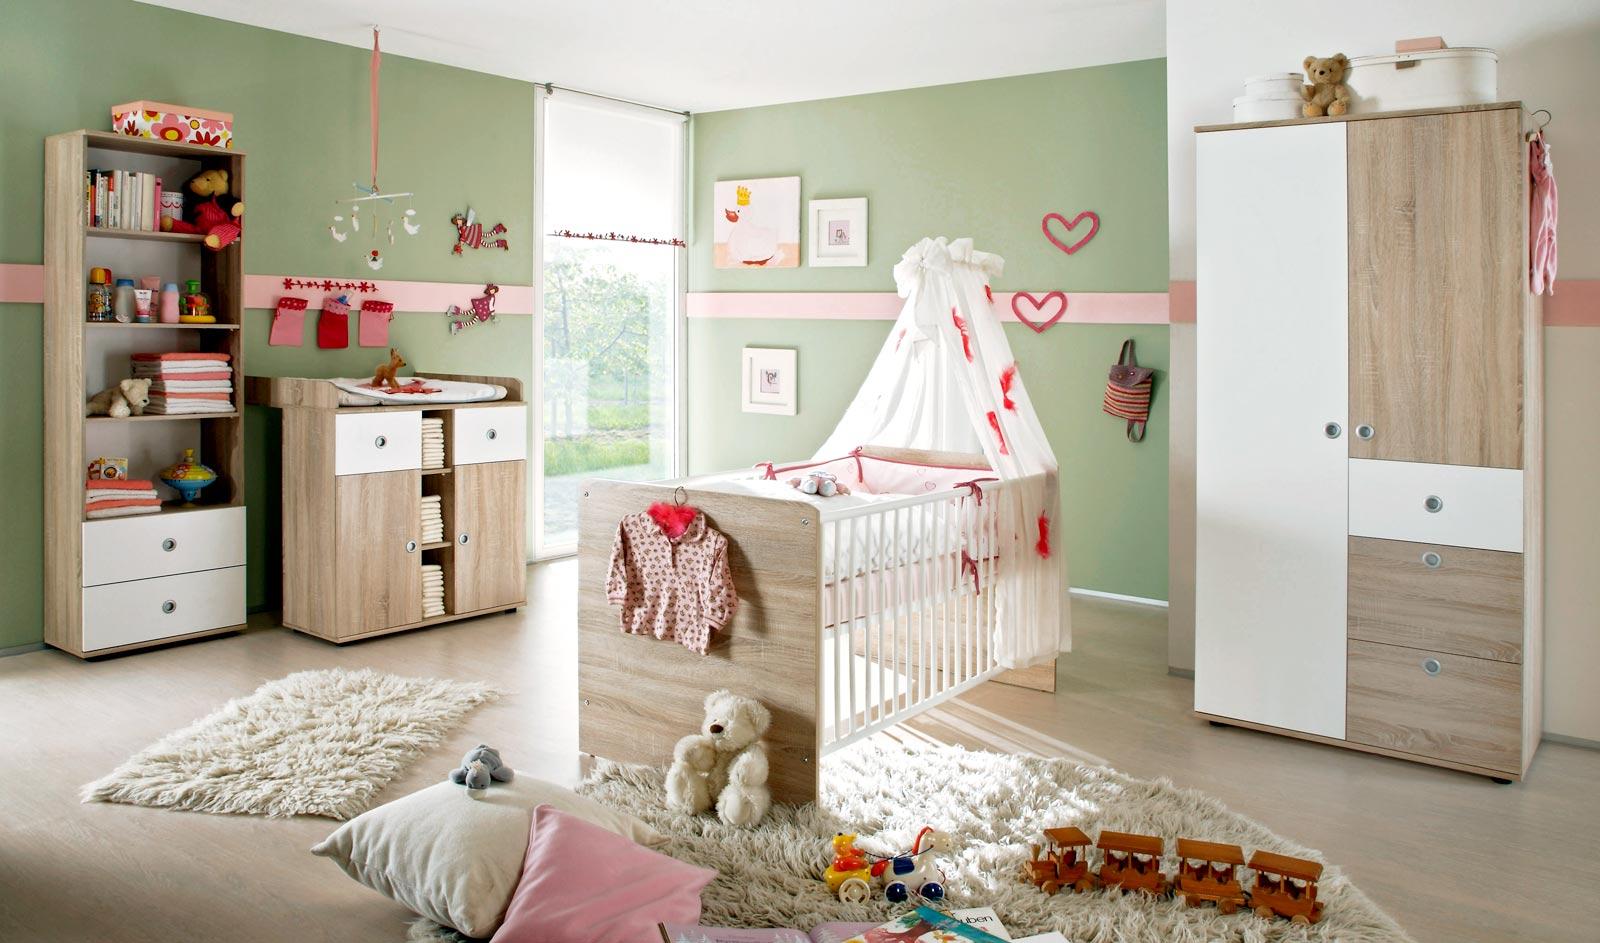 Babyzimmer kinderzimmer wiki 3 in eiche sonoma wei moebel dich - Jugendzimmer wiki ...